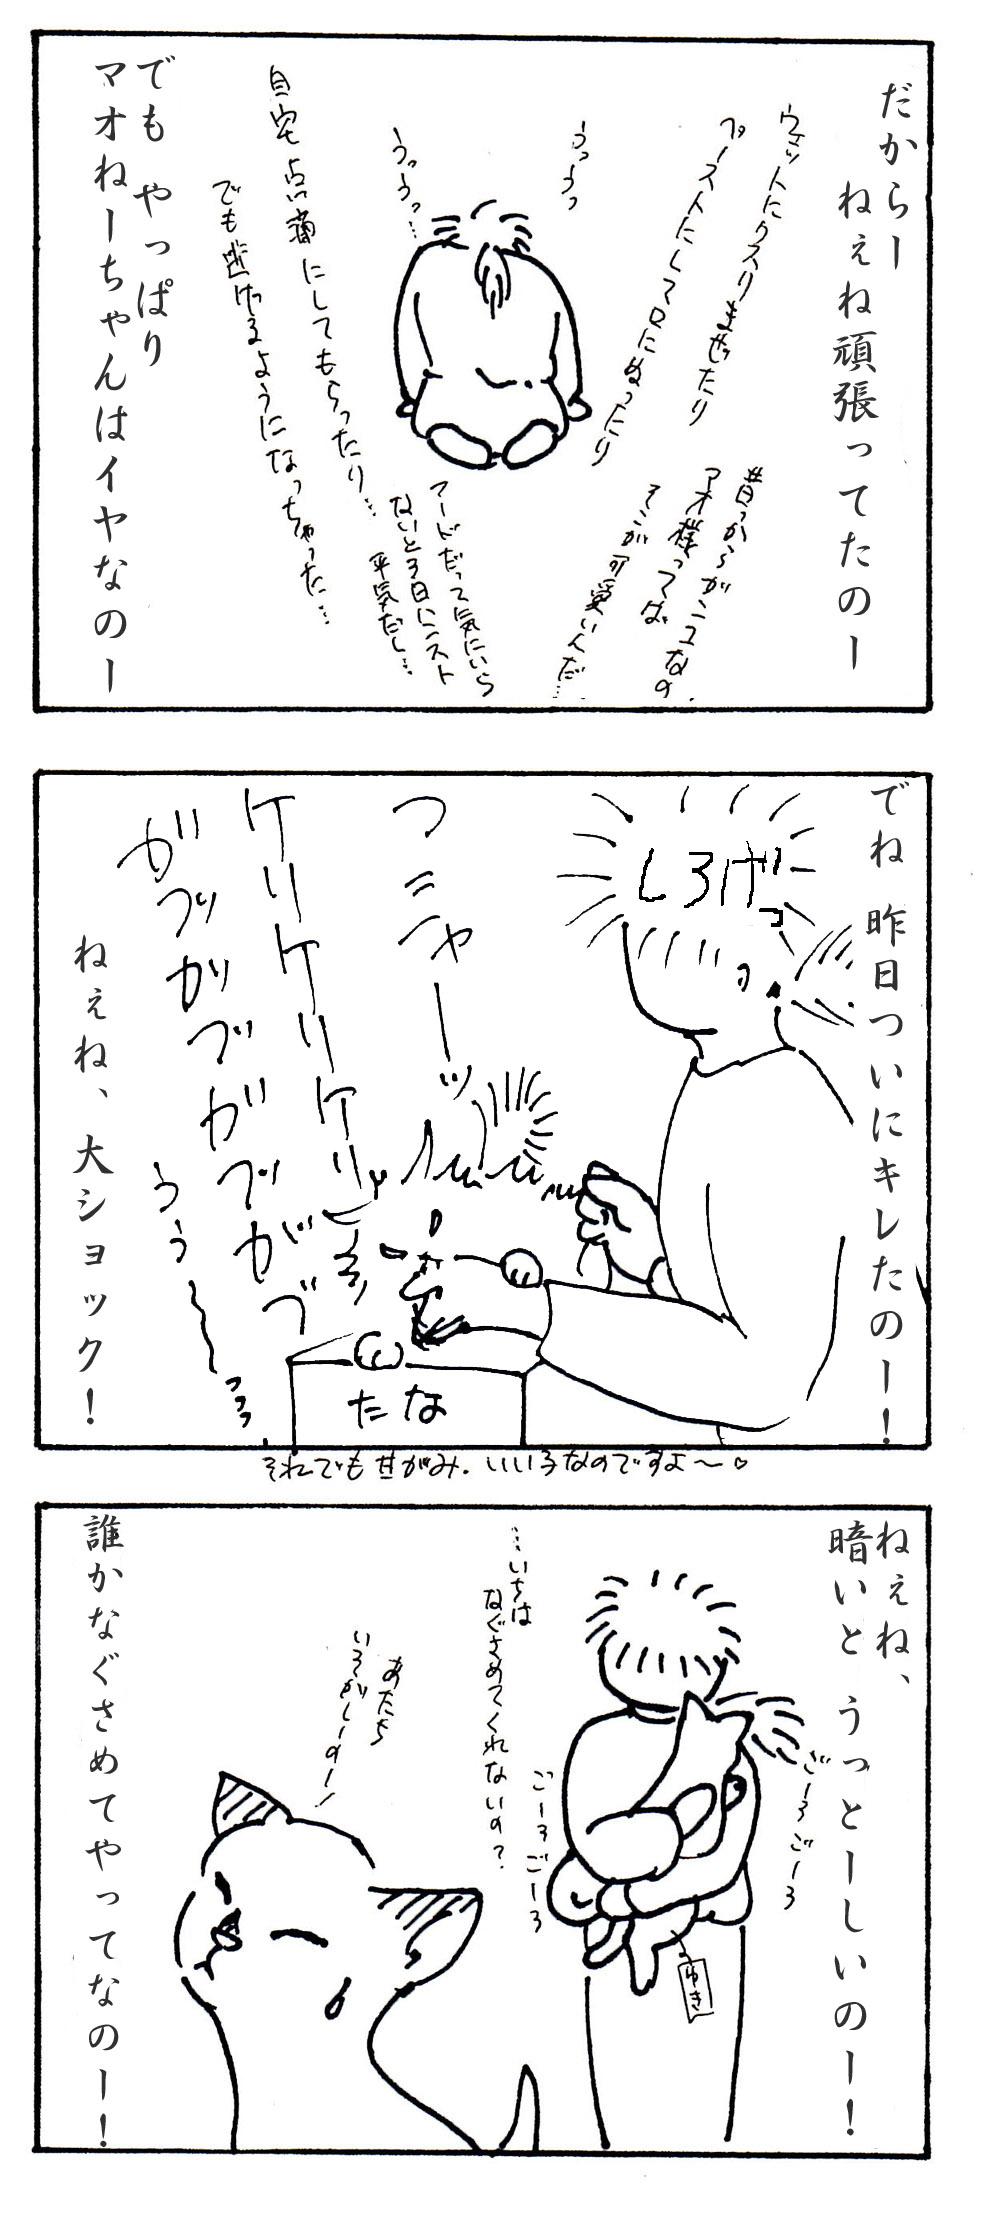 101028-2.jpg